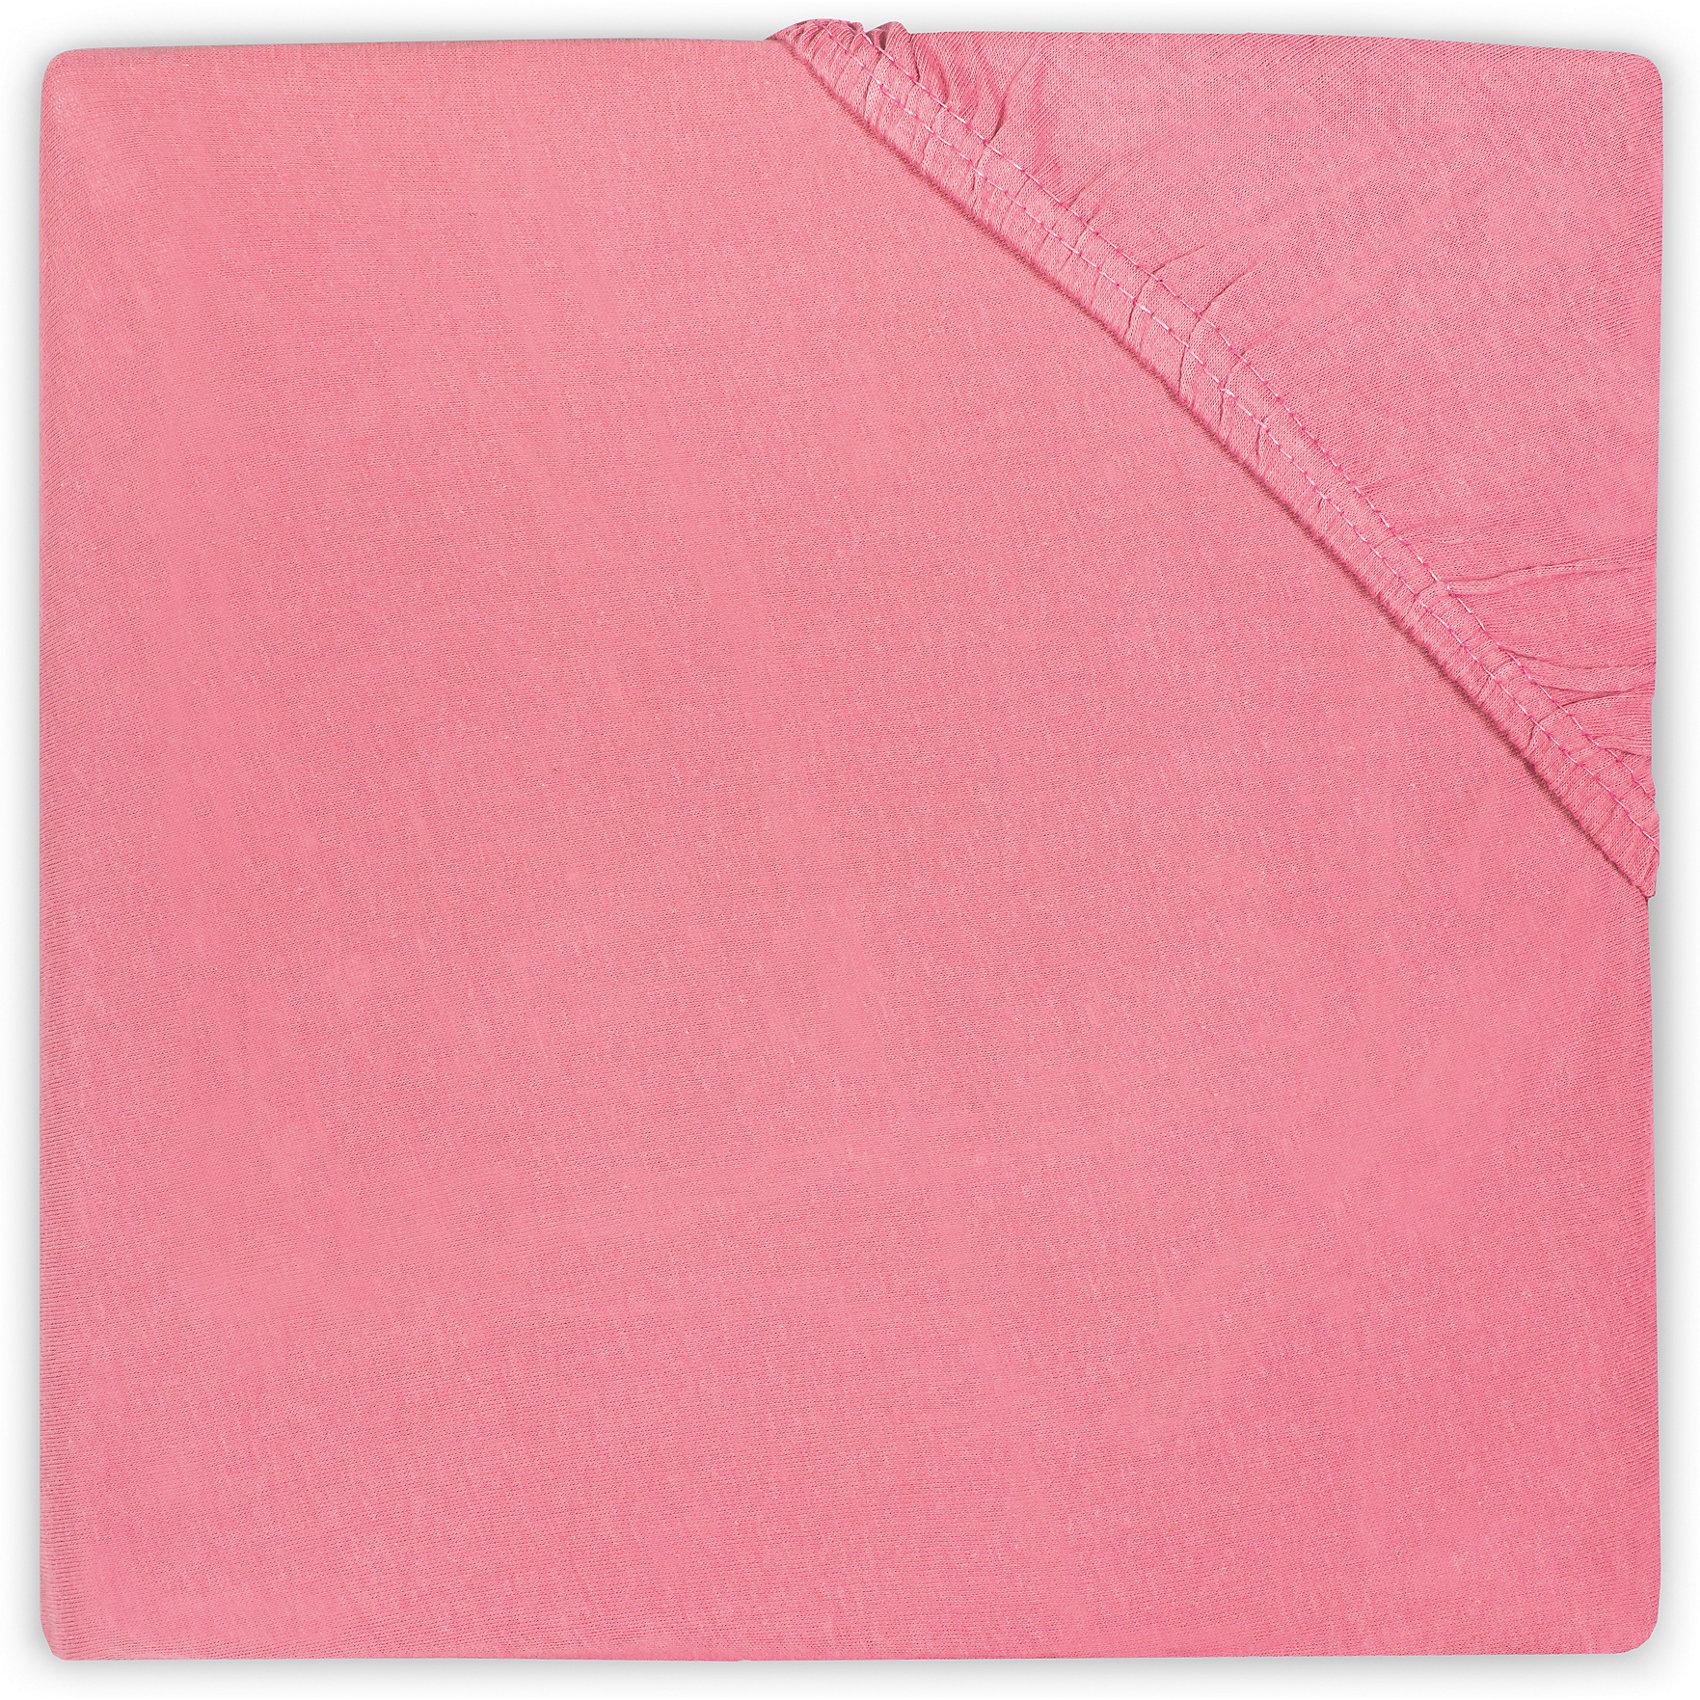 Простыня на резинке 60х120 см, Jollein, RaspberryJollein (Жолляйн) предлагает большой выбор однотонных расцветок простынок, которые можно сочетать с любыми цветами комплектов наволочек и пододеяльников. Однотонные простынки - это не скучно. Подбирая цвет простынки, можно создать идеальный цветовой ансамбль детской кроватки. Такие простынки могут сдержанно поддержать основную цветовую идею интерьера детской комнаты, либо же наоборот - стать стильным цветовым акцентом в минималистичном интерьере. Создавайте стильные комплекты в Вашем стиле. Мягкое, приятное для тела, тонкое джерси &amp;ldquo;дышит&amp;rdquo;, регулирует температуру тела. Плотность: 140 гр/мкв. Стирать при 40-60 градусах<br><br>Ширина мм: 190<br>Глубина мм: 230<br>Высота мм: 30<br>Вес г: 270<br>Возраст от месяцев: 0<br>Возраст до месяцев: 36<br>Пол: Унисекс<br>Возраст: Детский<br>SKU: 5367127